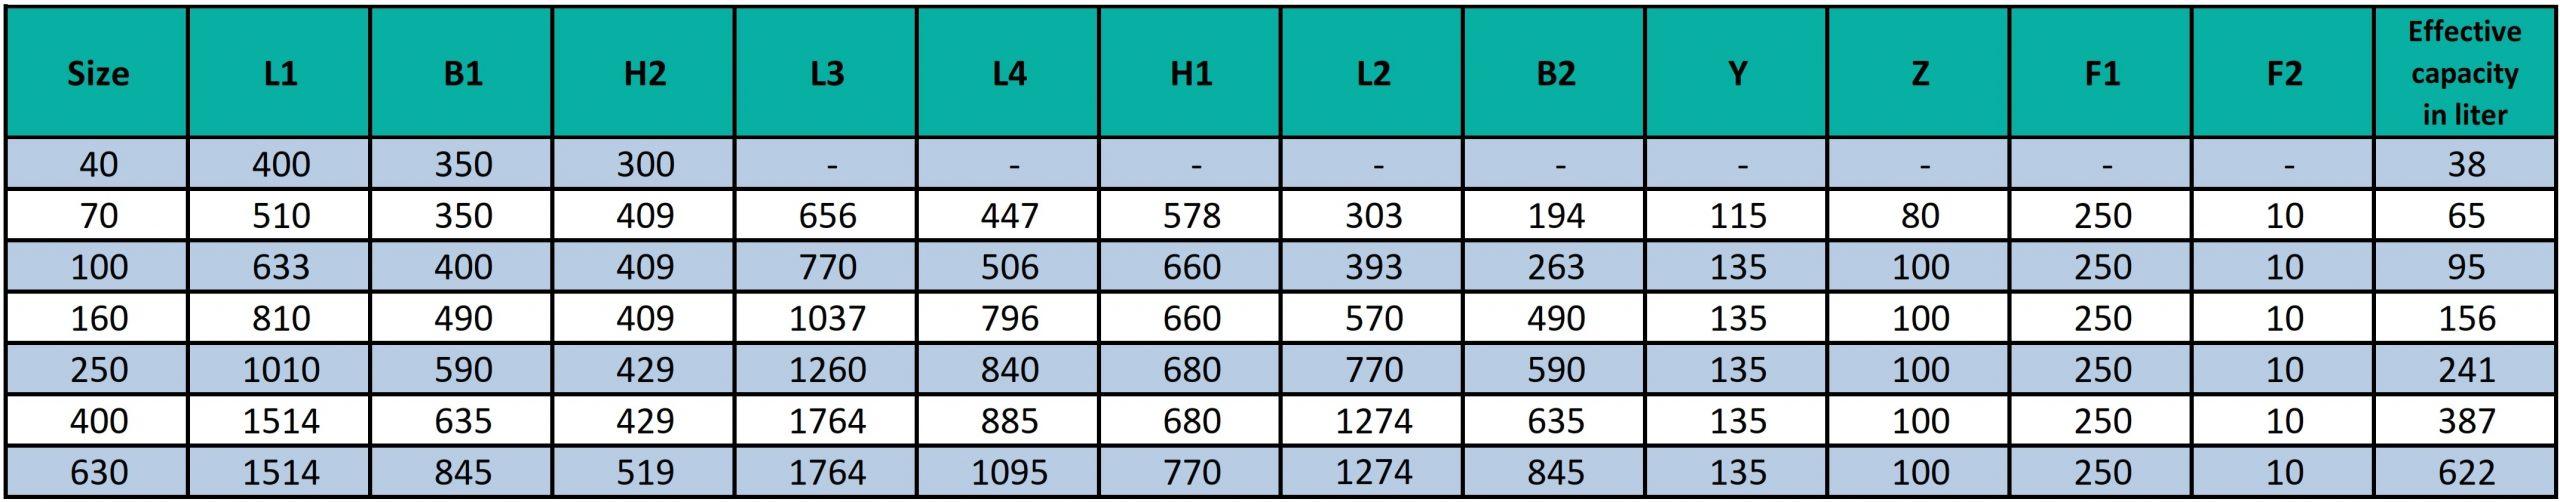 اندازه یونیت هیدرولیک استاندارد